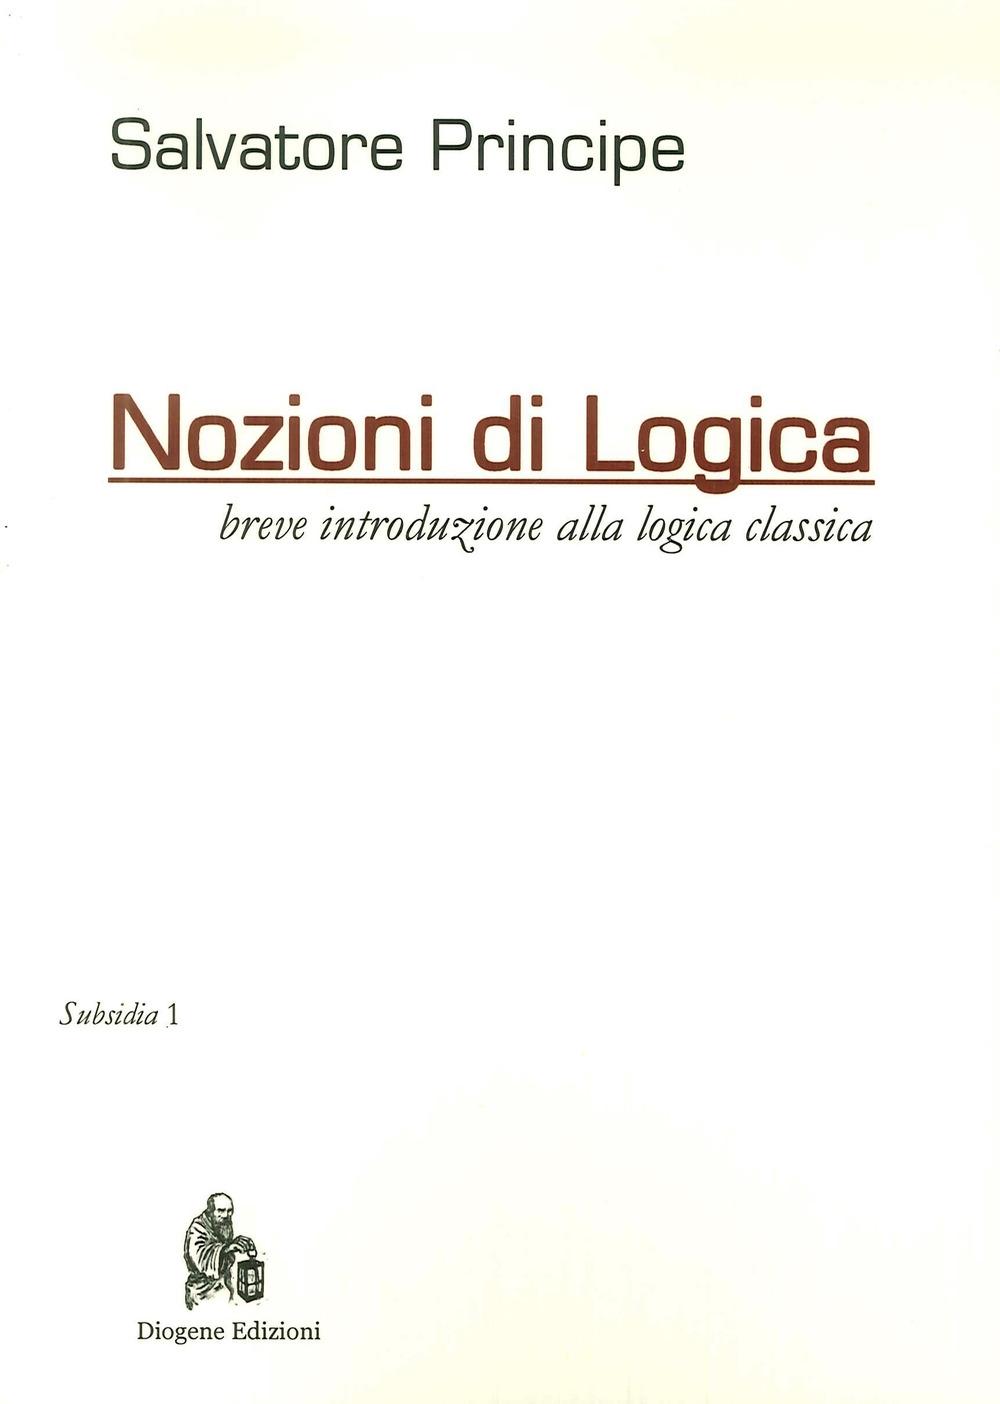 Nozioni di logica. Breve introduzione alla logica classica